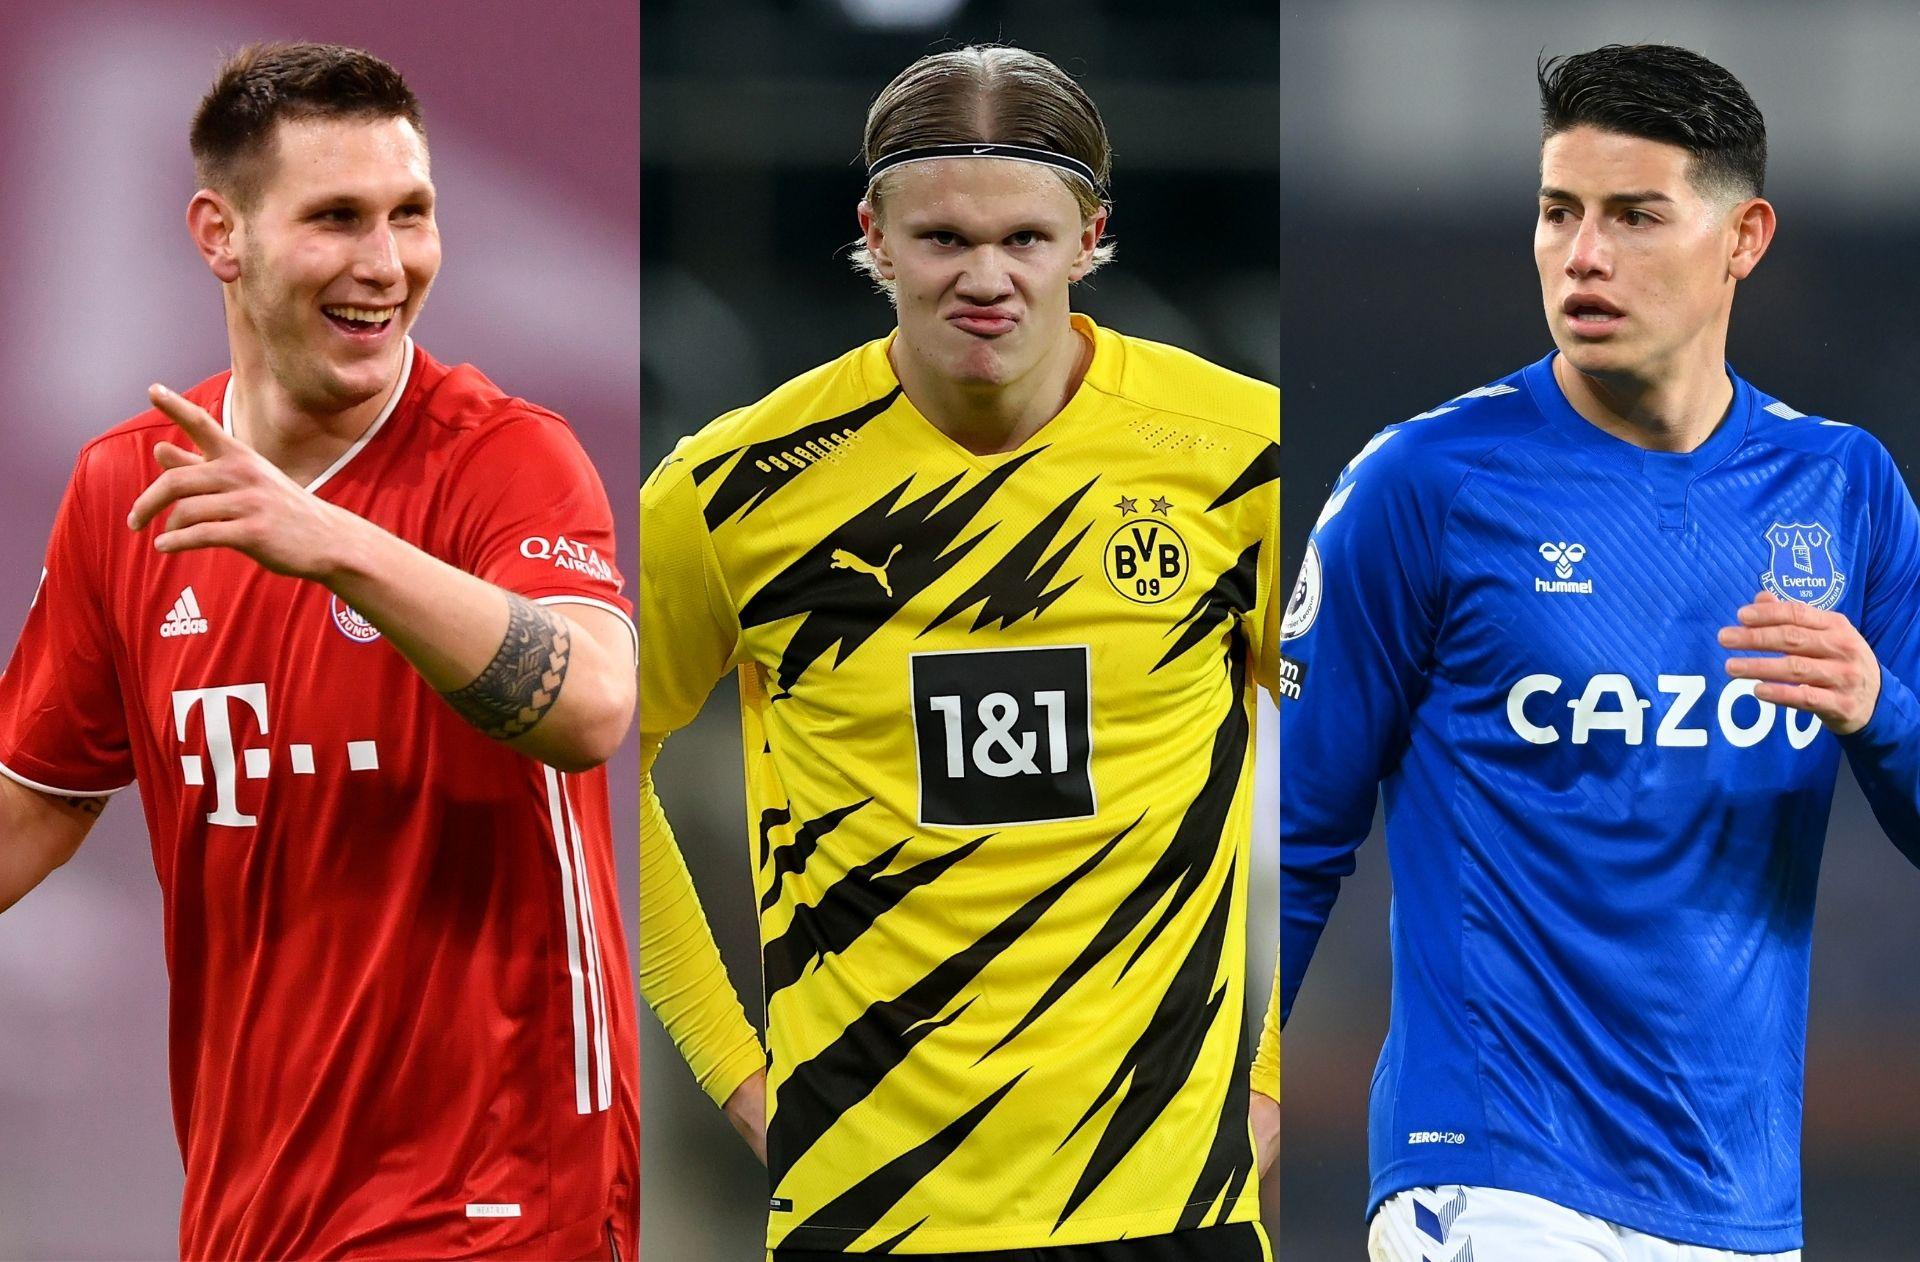 Friday's transfer rumors - Chelsea plot moves for 2 Bundesliga stars